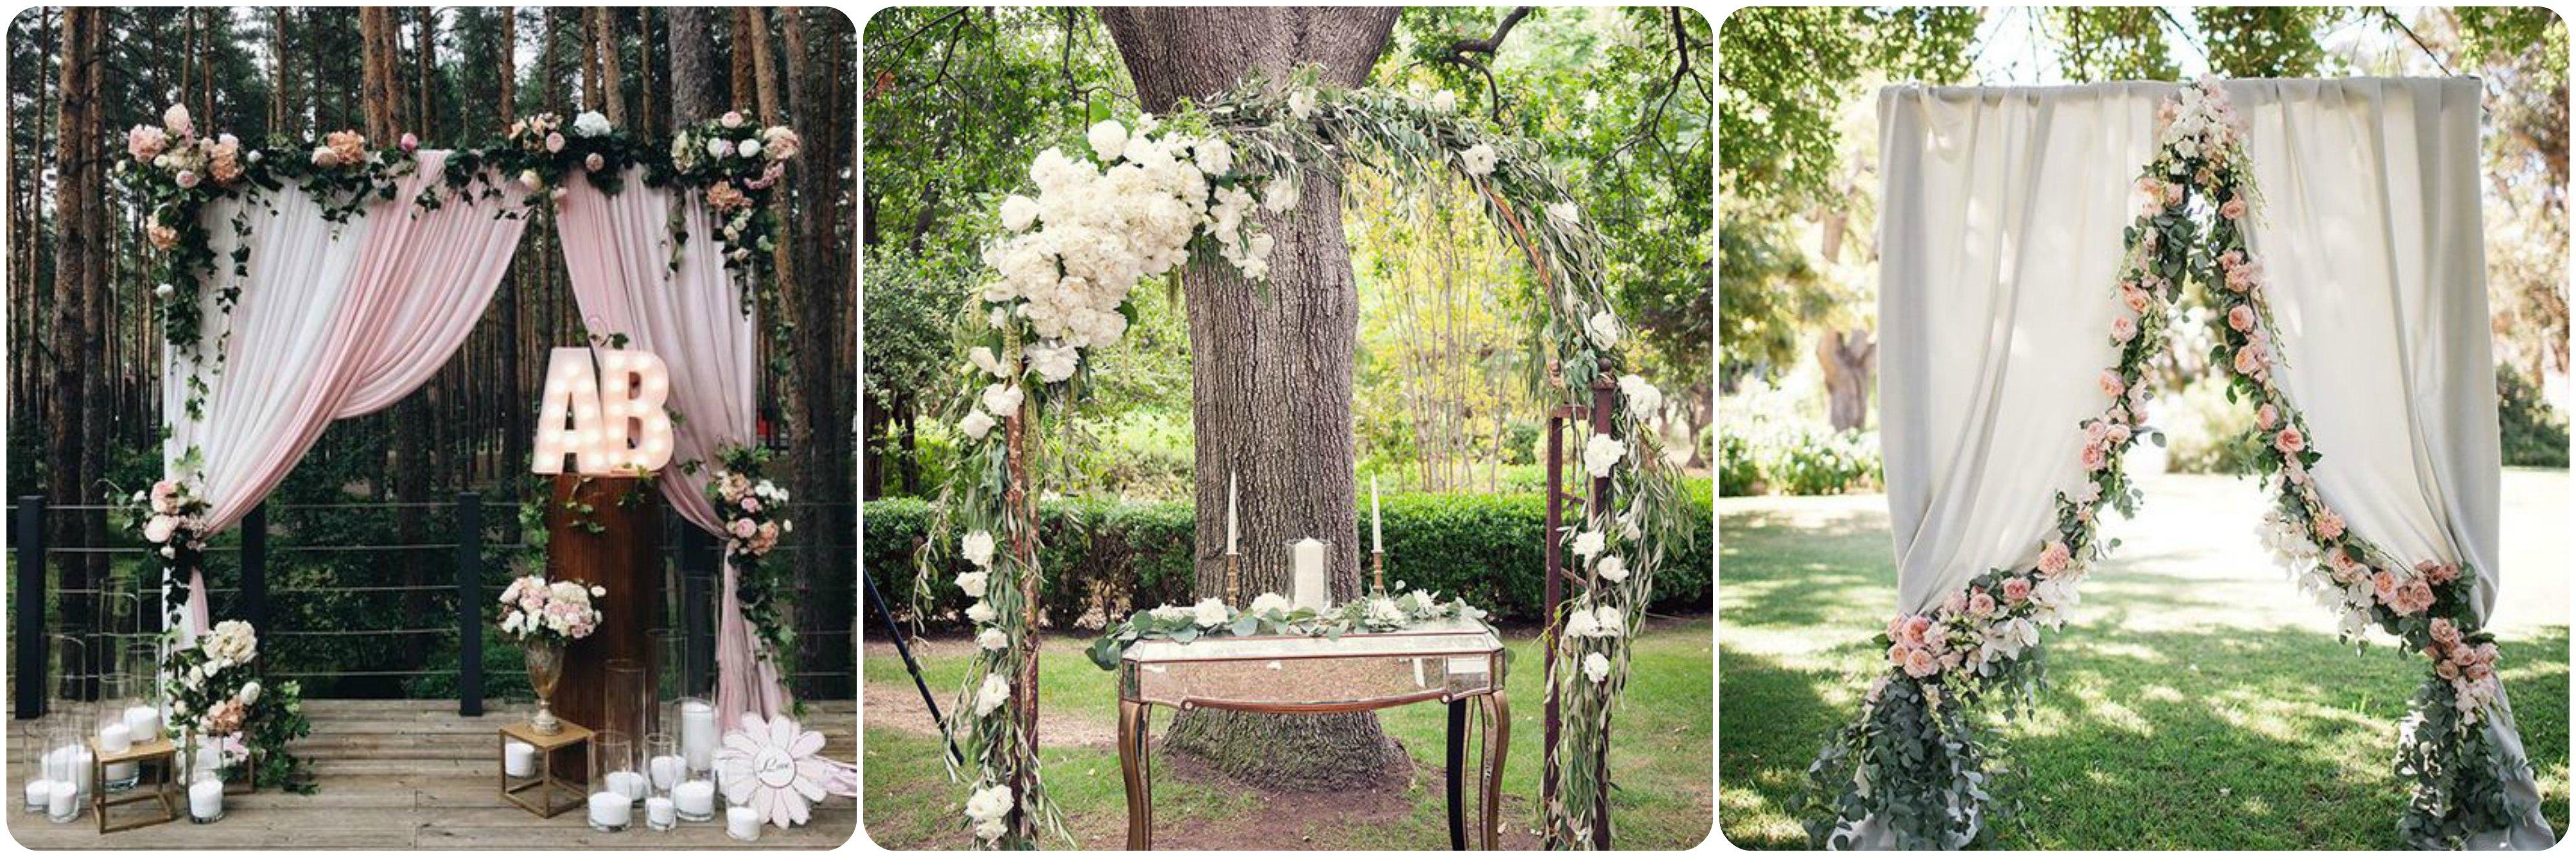 decoracao-casamentos-joiasgold